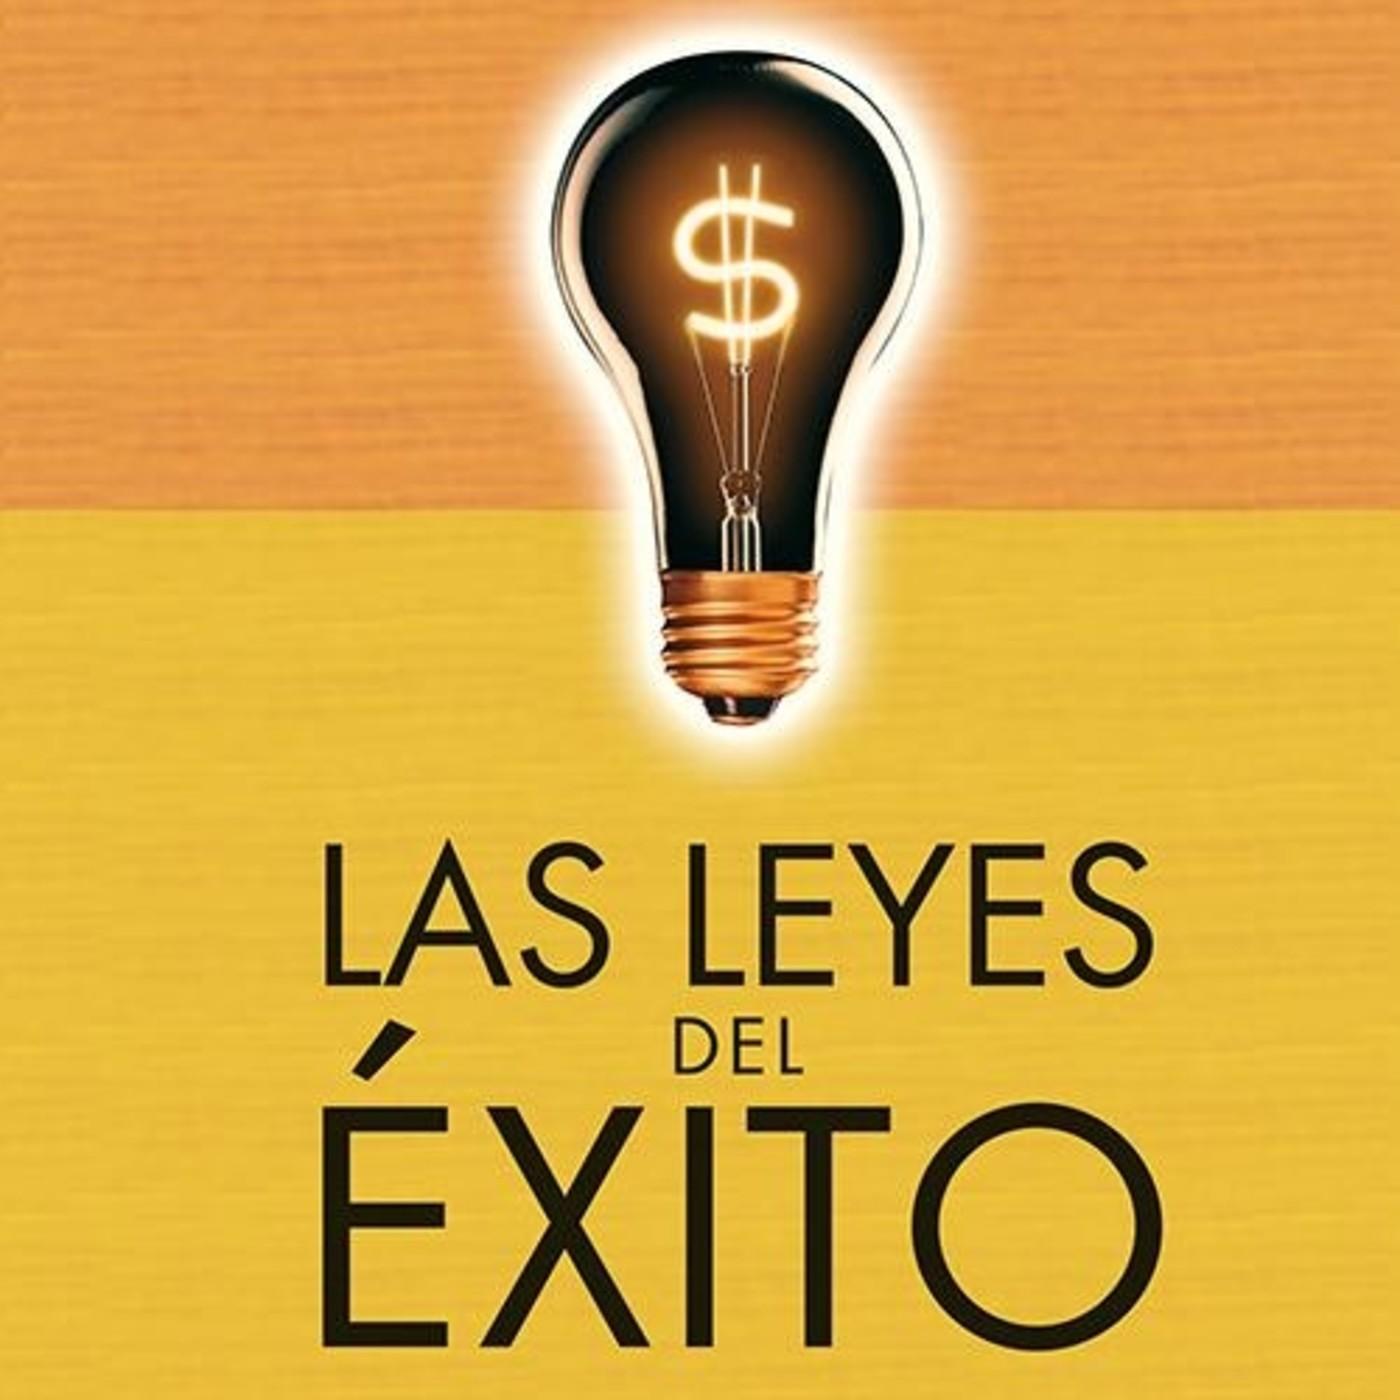 Napoleon Hill - Las Leyes del Exito - Introduccion y Ley un Mente Maestra...